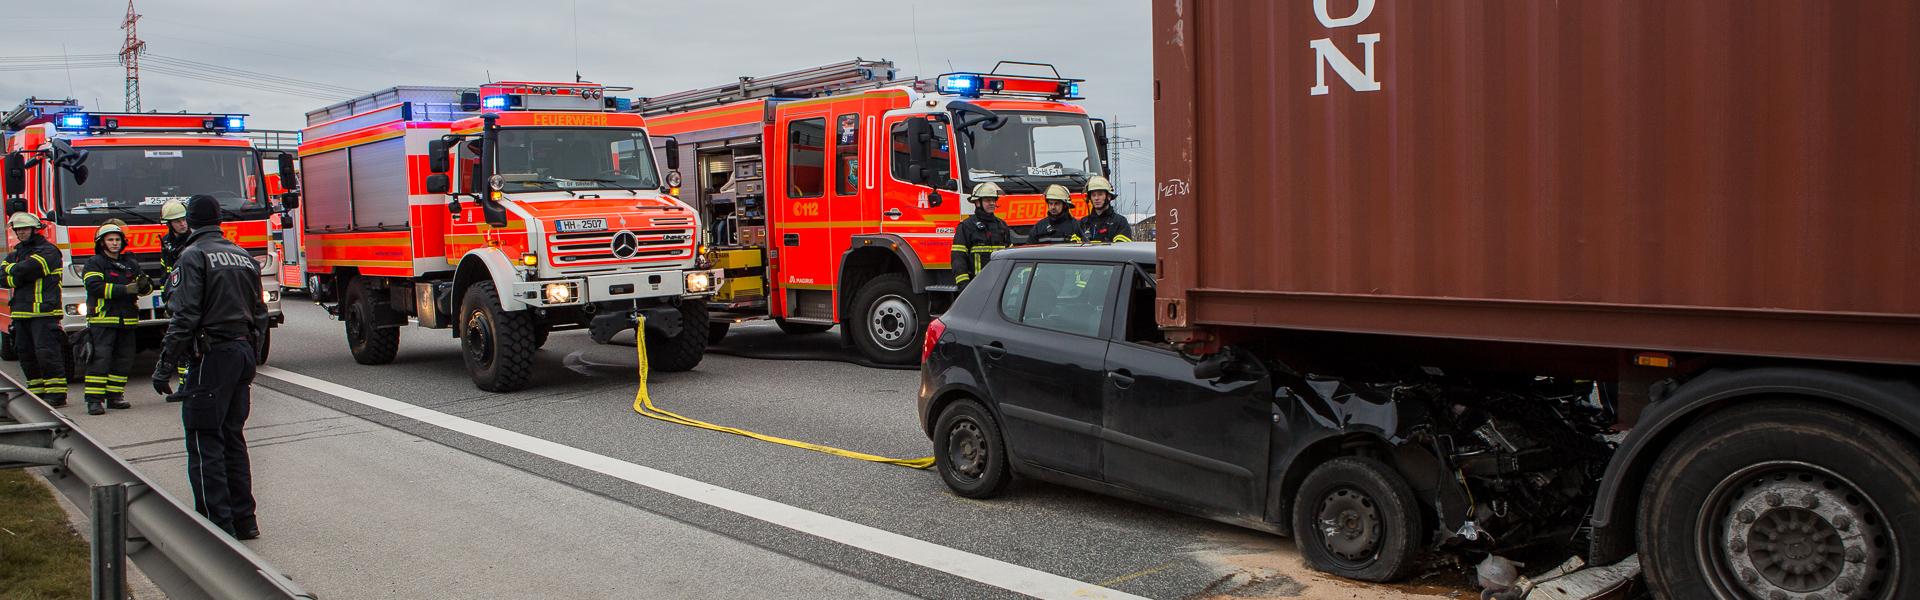 16.03.2018 – Schwerer Unfall mit LKW im Dreieck Süd-Ost